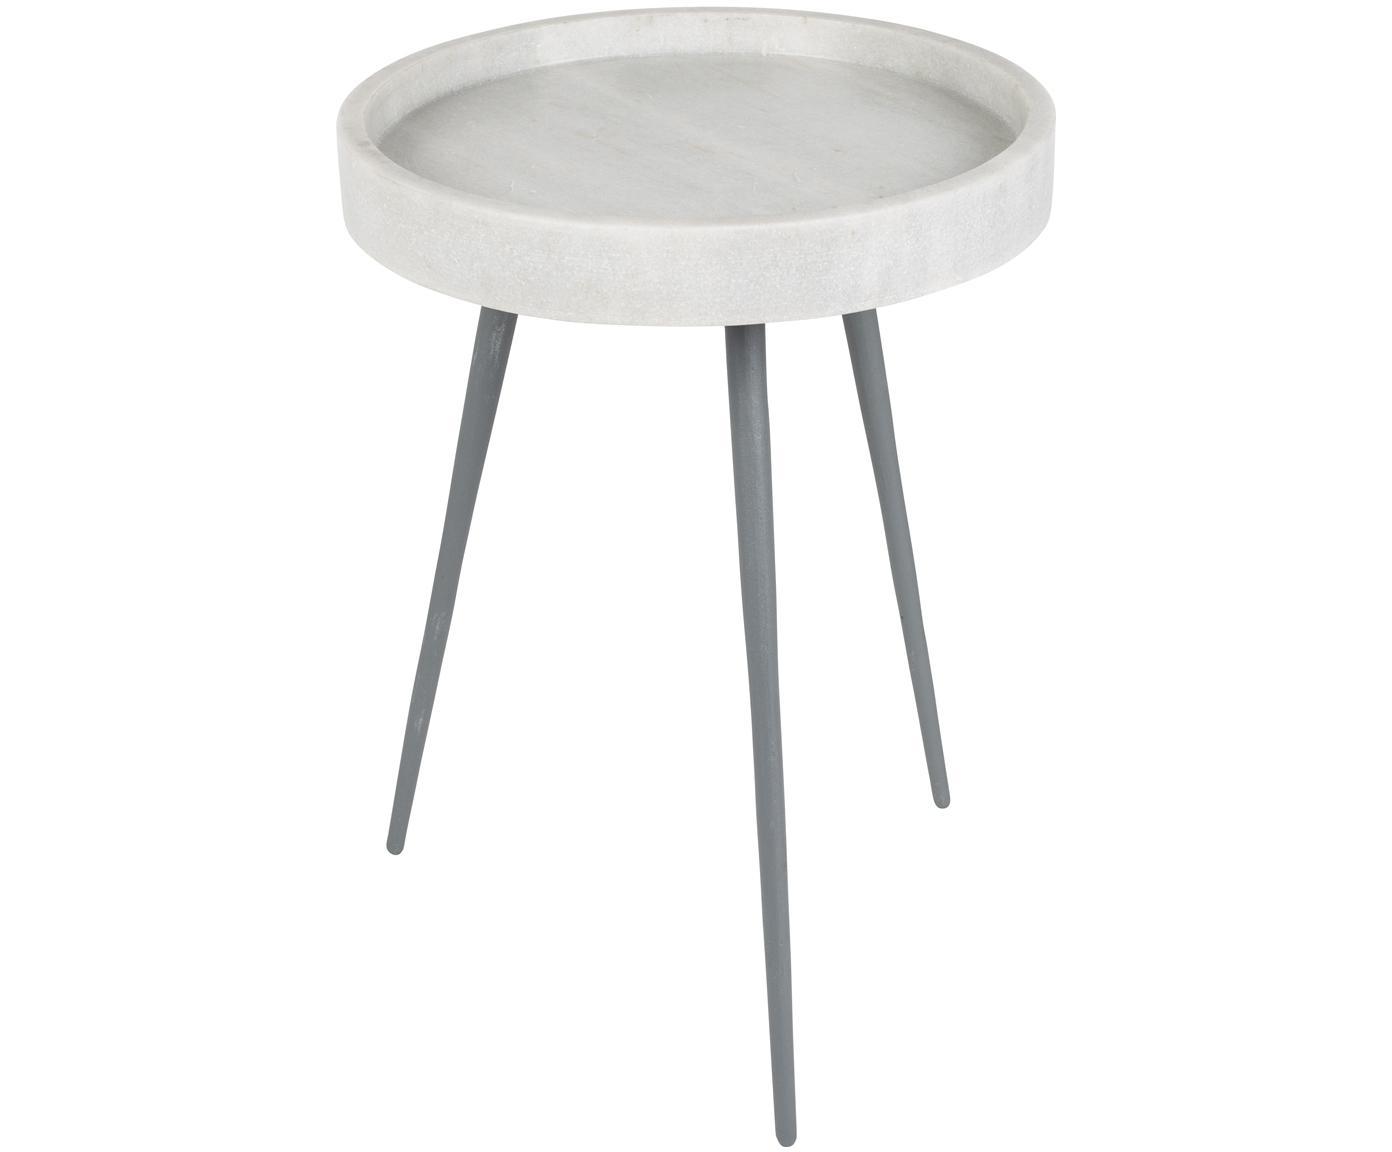 Tavolino rotondo con piano in marmo Karrara, Piano d'appoggio: marmo, Gambe: metallo verniciato a polv, Piano del tavolo: bianco, marmo<br>Gambe: grigio, Ø 33 x Alt. 45 cm